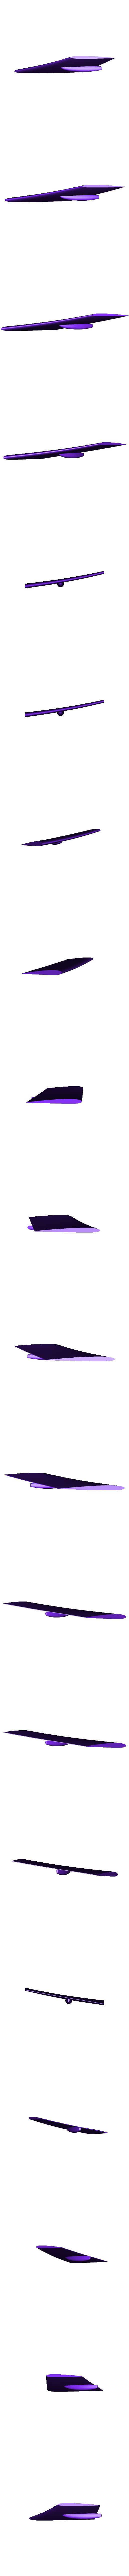 wingL2.STL Télécharger fichier STL gratuit Airbus A350 XWB Lufthansa Airliner Sacle 1/100 • Design pour imprimante 3D, BeneHill